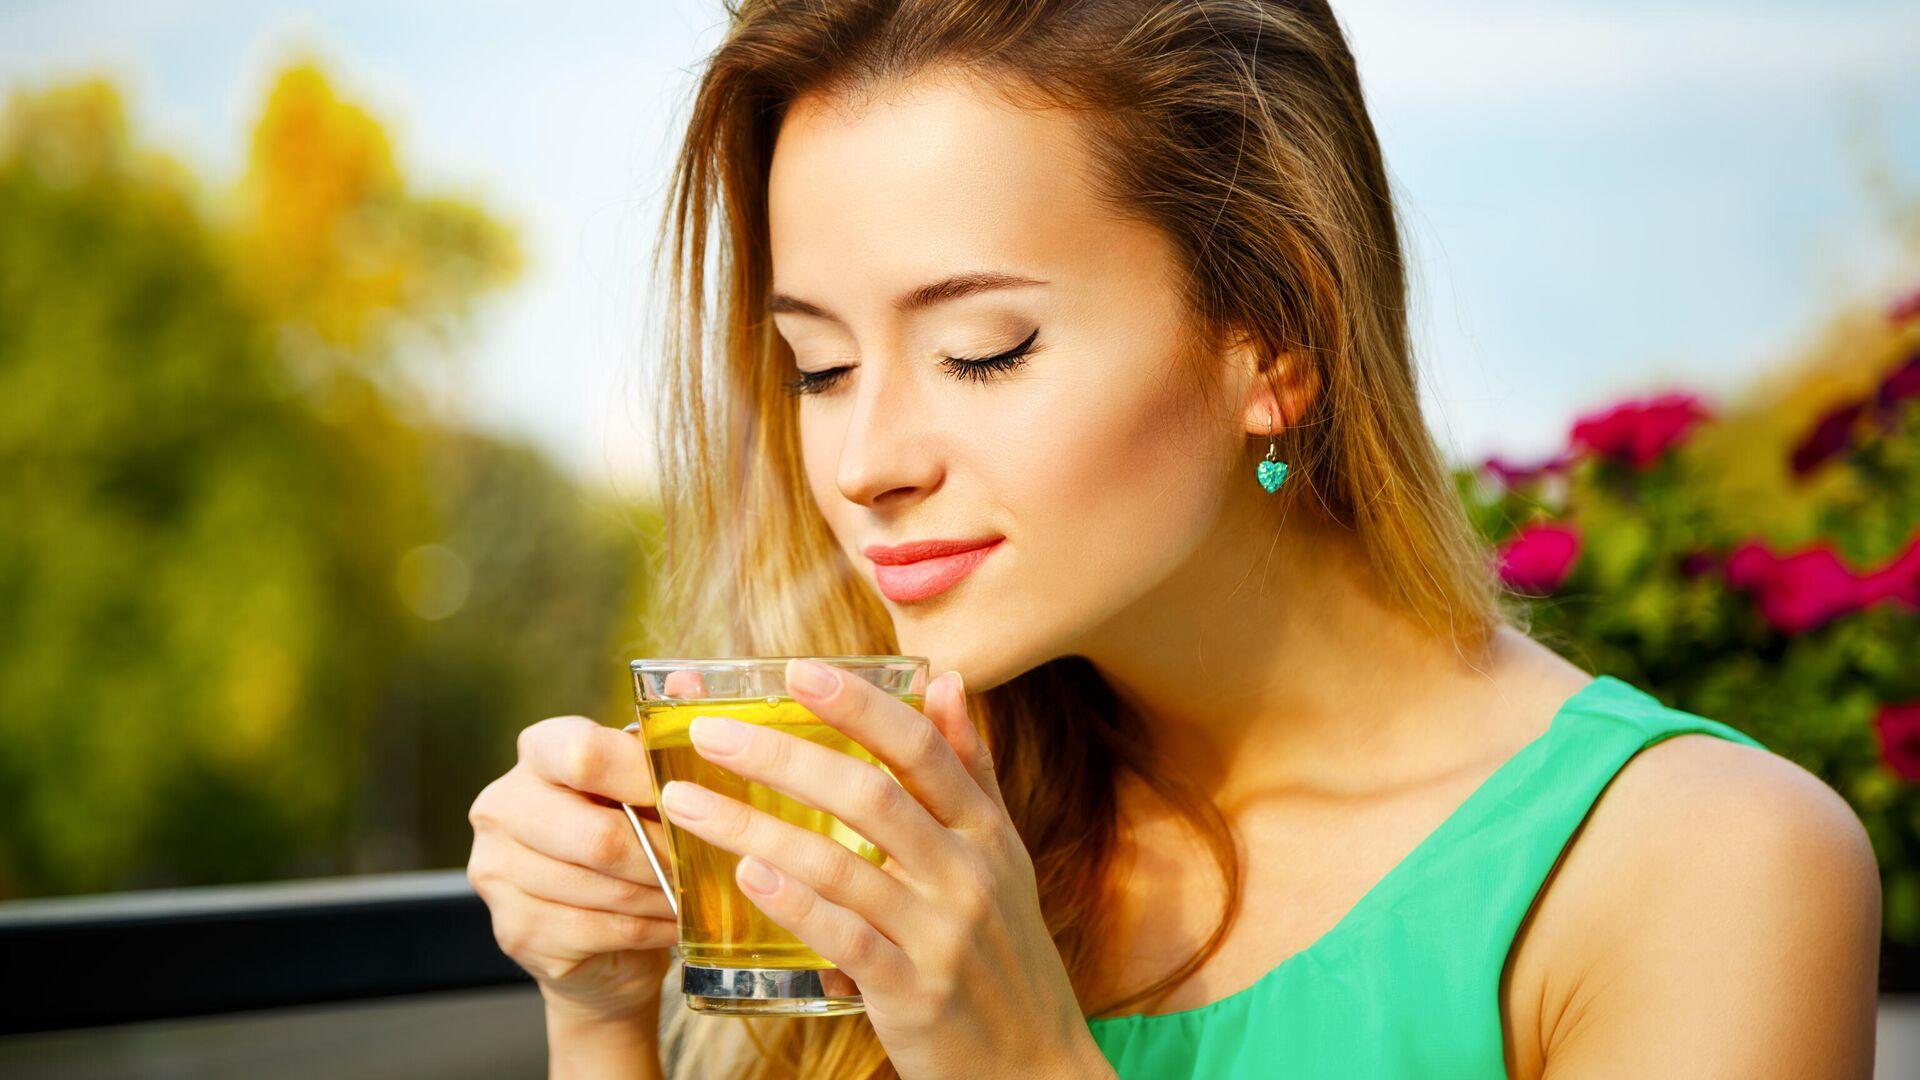 Девушка пьёт зелёный чай - РИА Новости, 1920, 21.09.2021